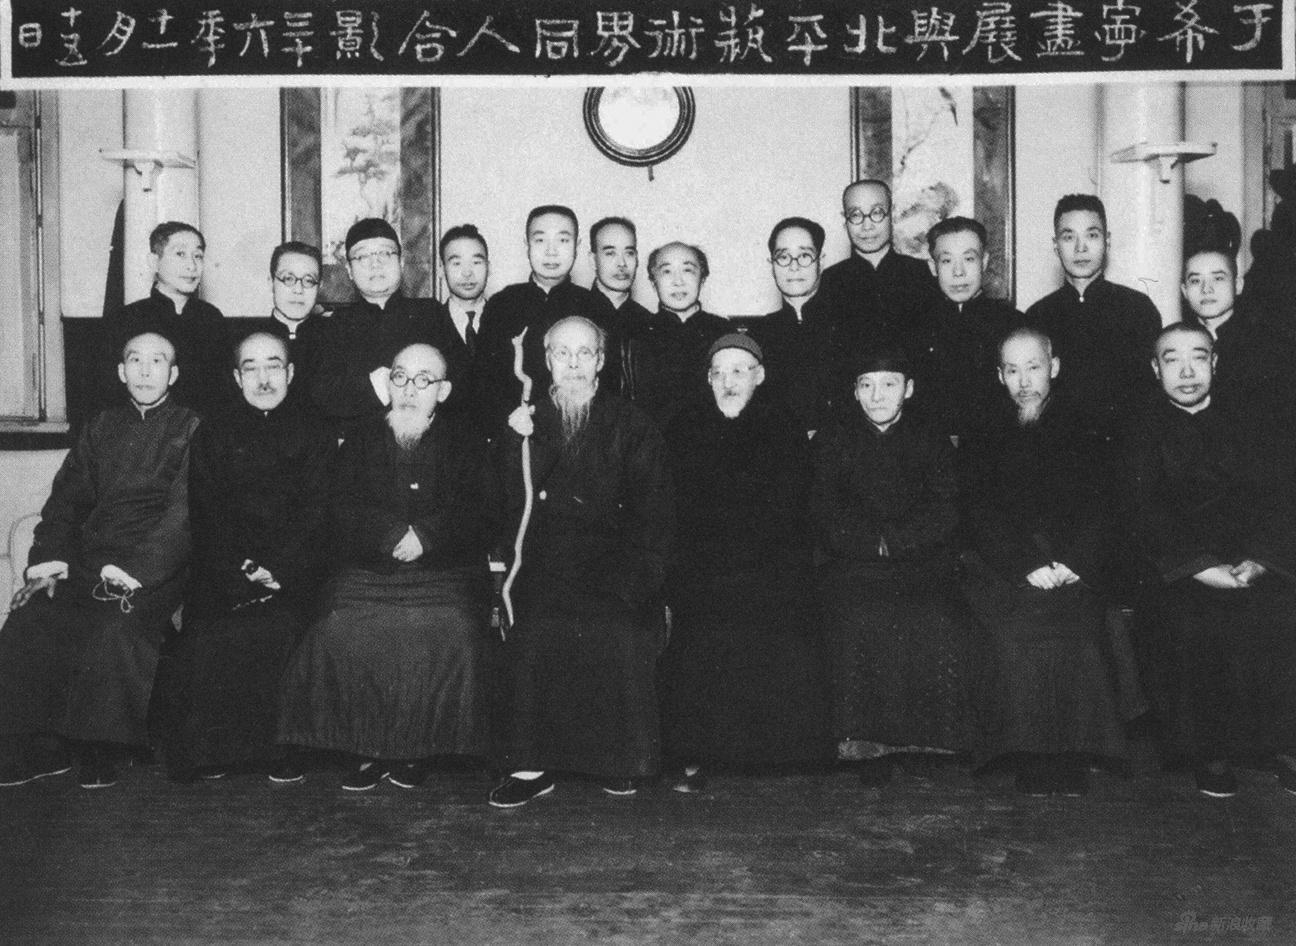 1947年冬,齐白石(前排左四)与黄宾虹(前排左五)在画家于希宁画展上